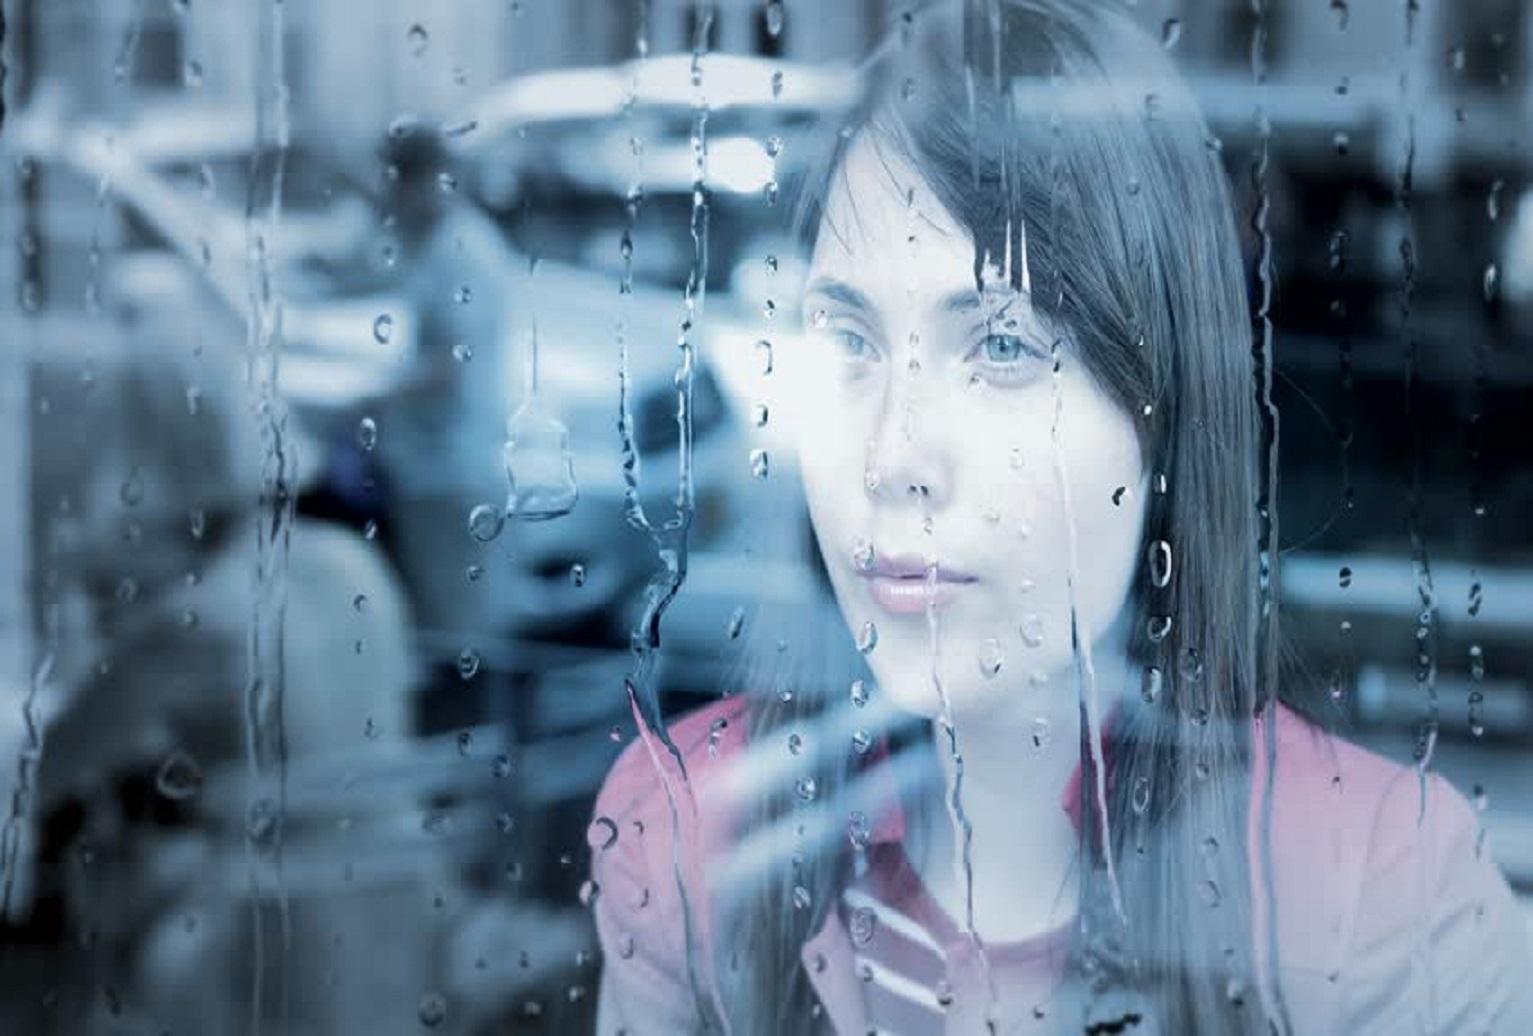 woman in rain shutterstock com